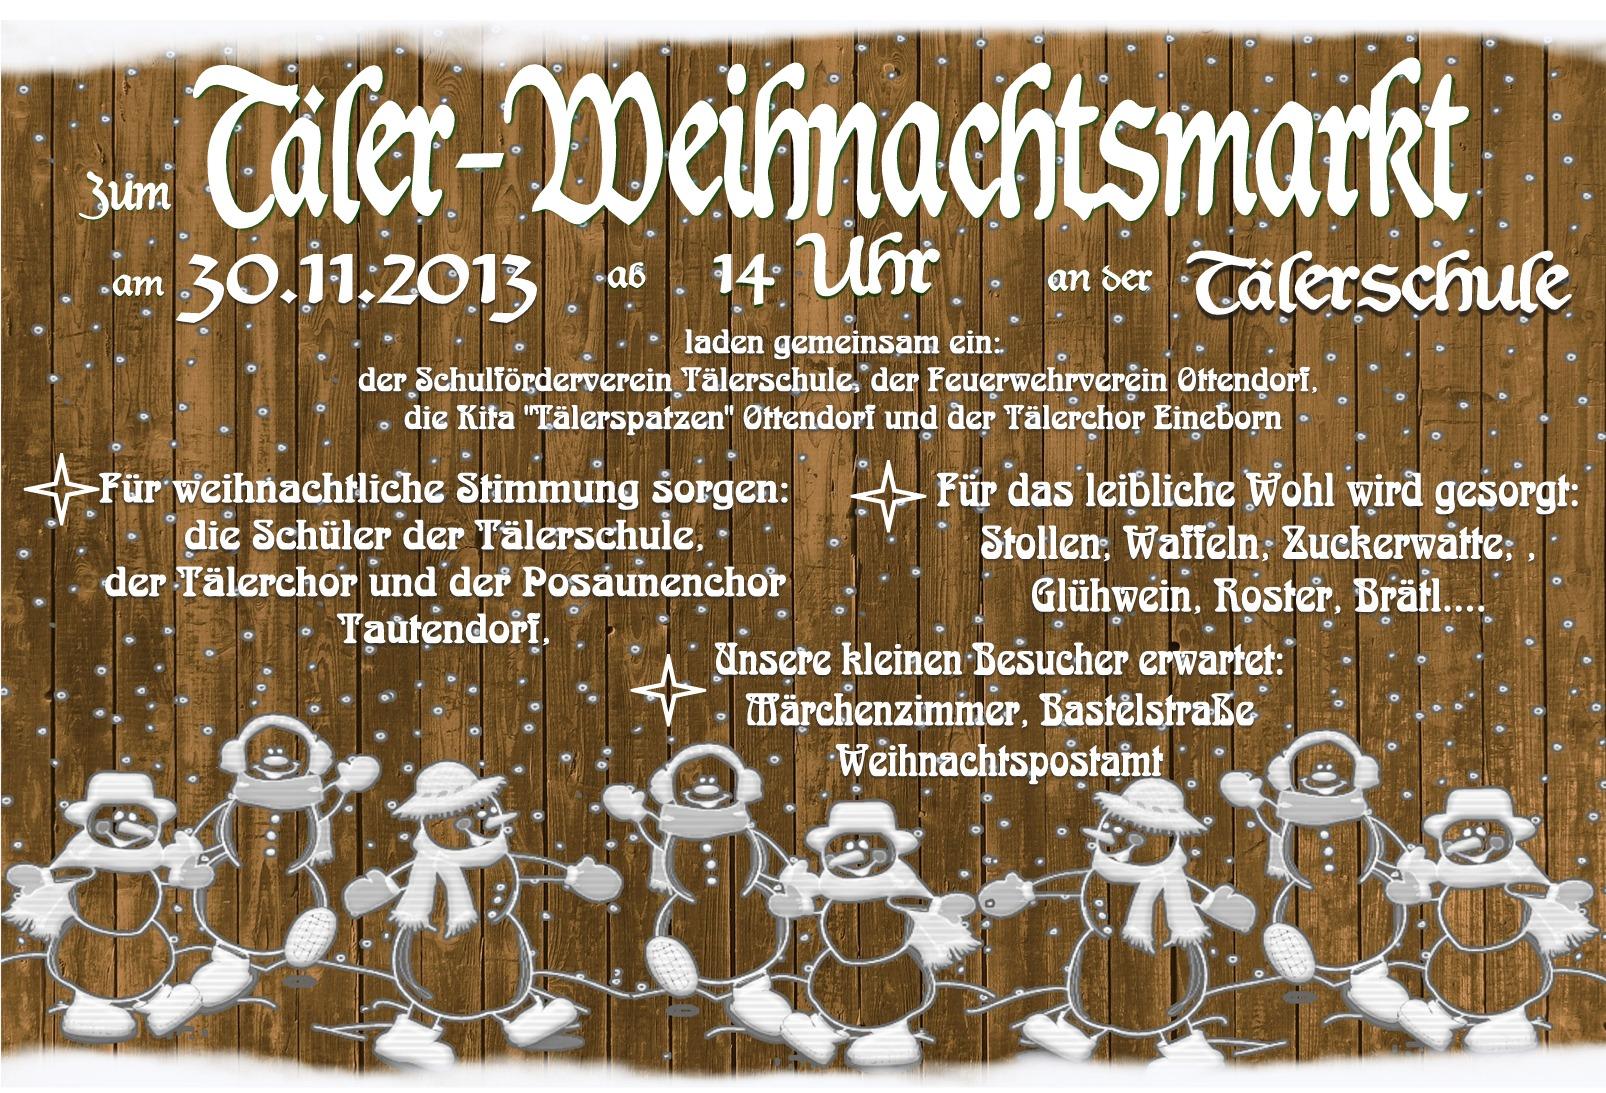 einladung zum täler – weihnachtsmarkt 2013 | tälerschule ottendorf, Einladungen